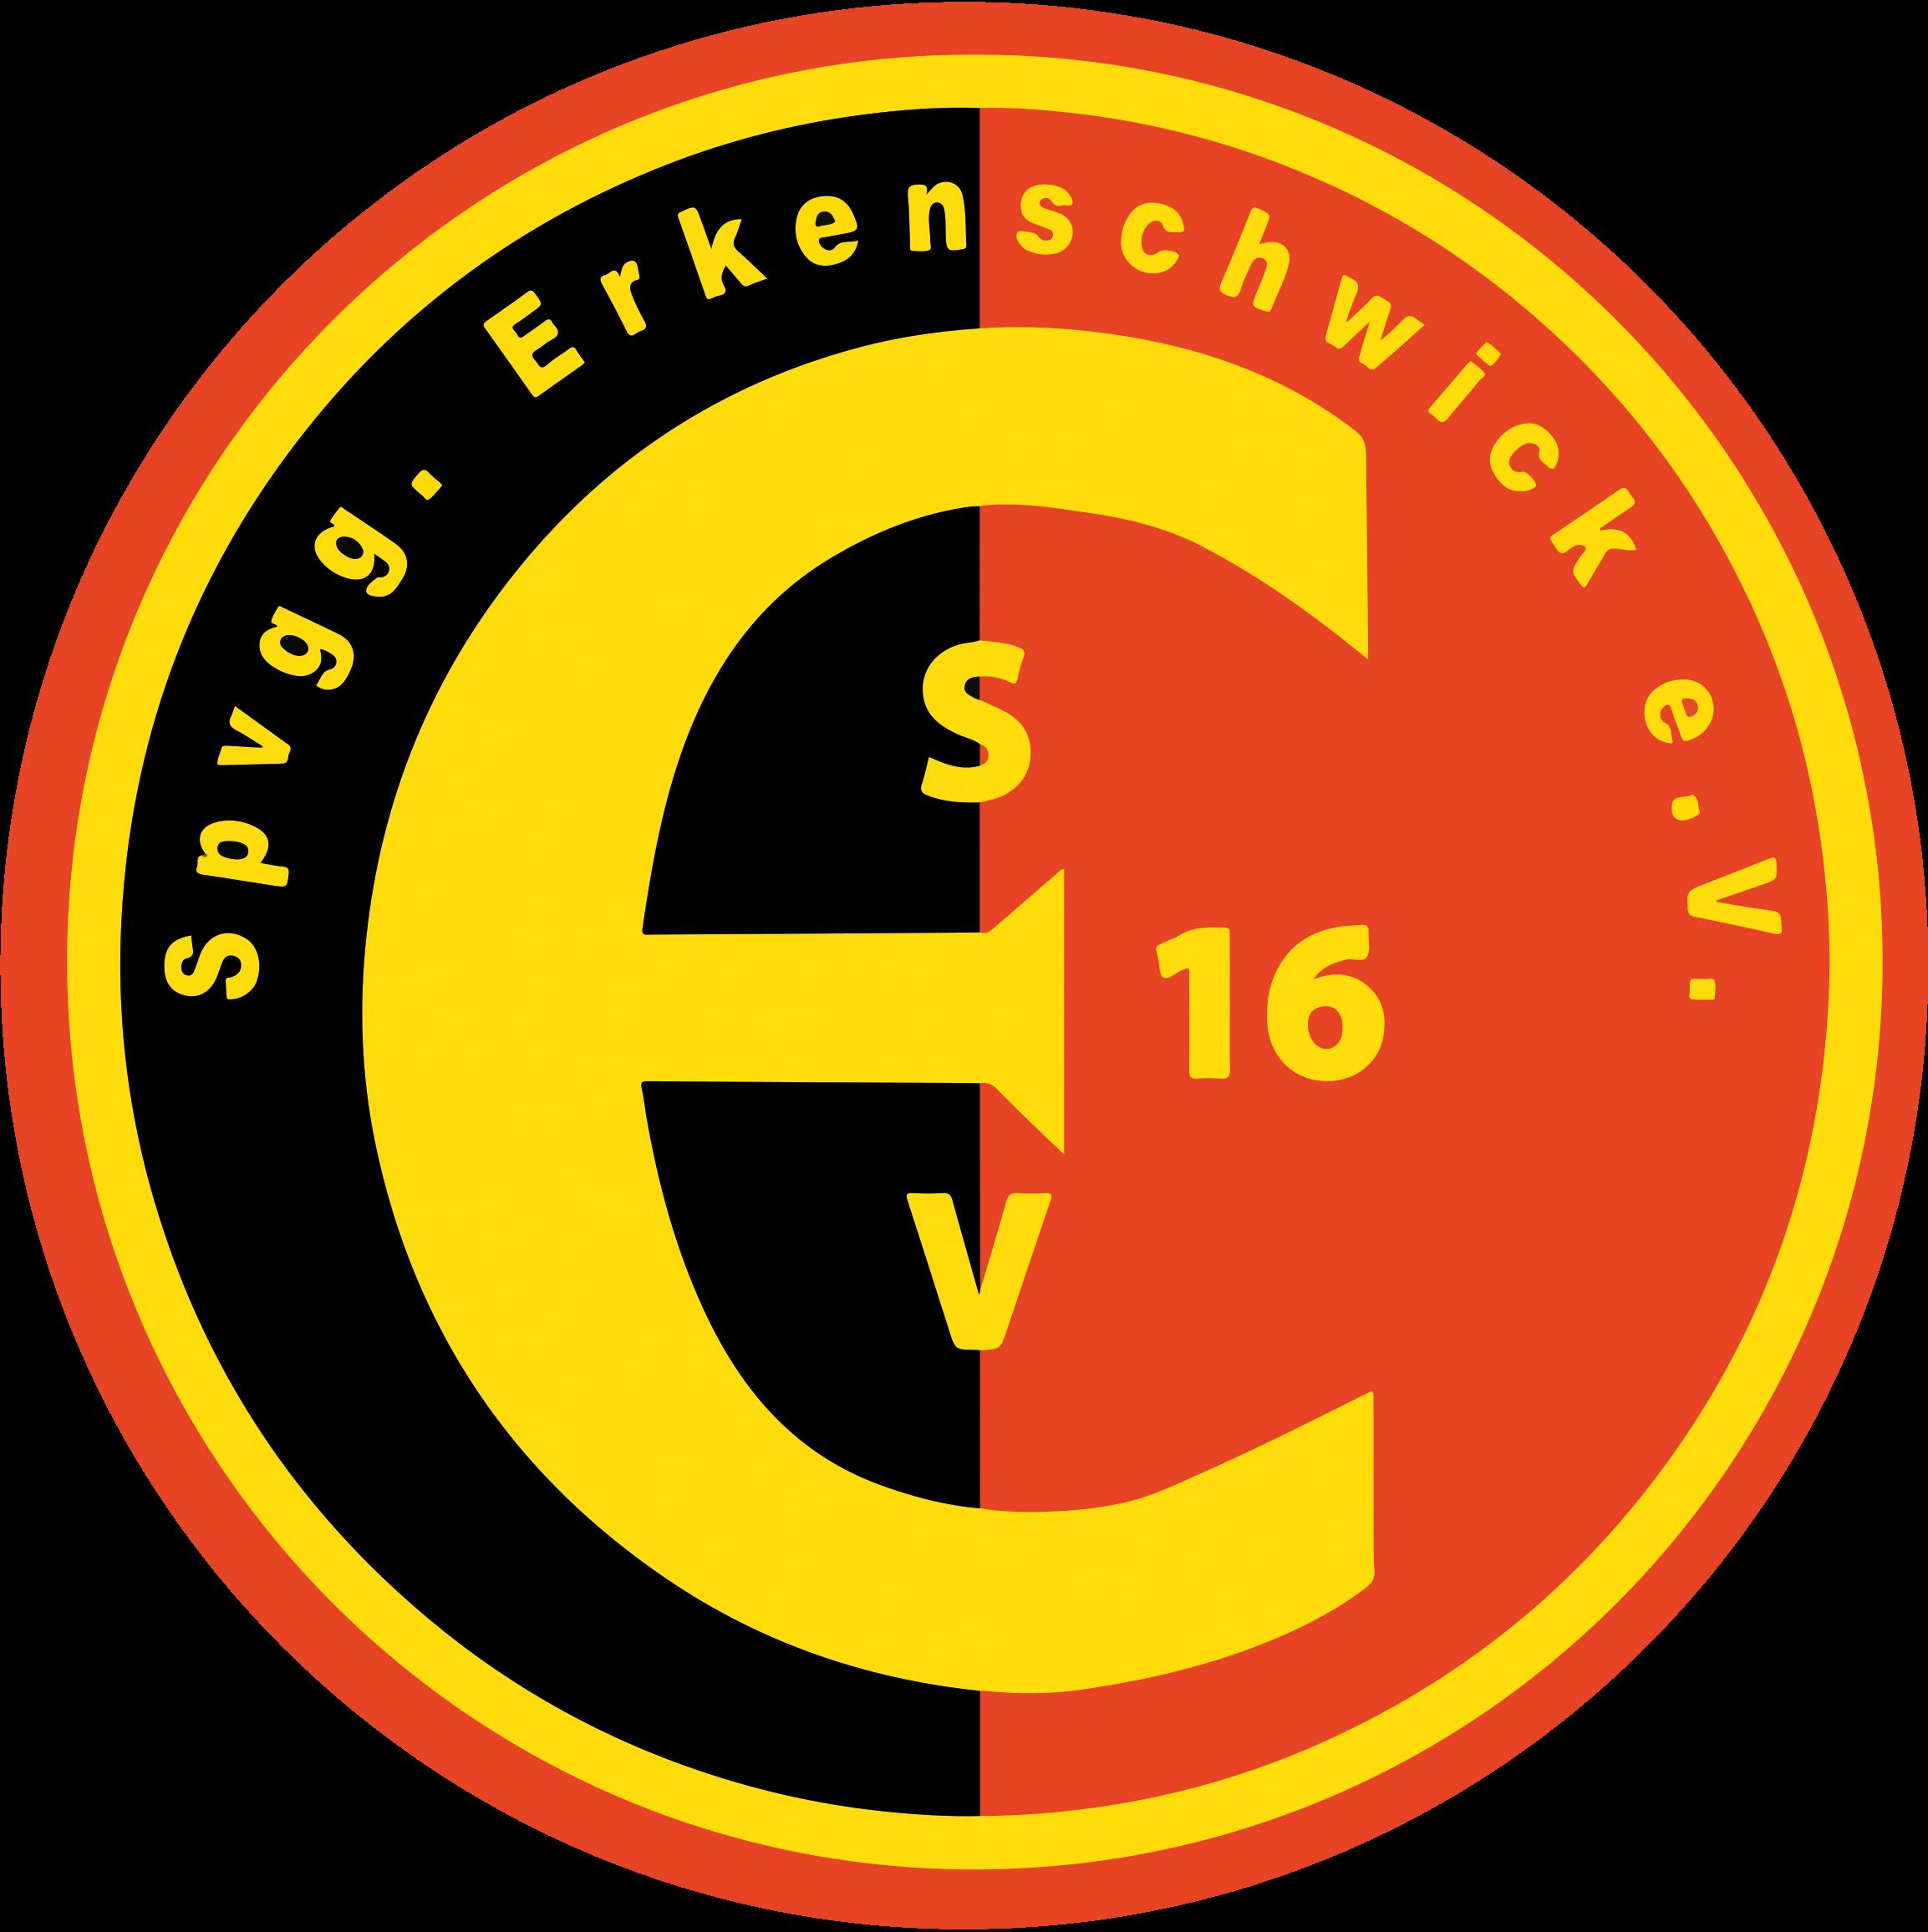 Spvgg. Erkenschwick 1916 e.V.